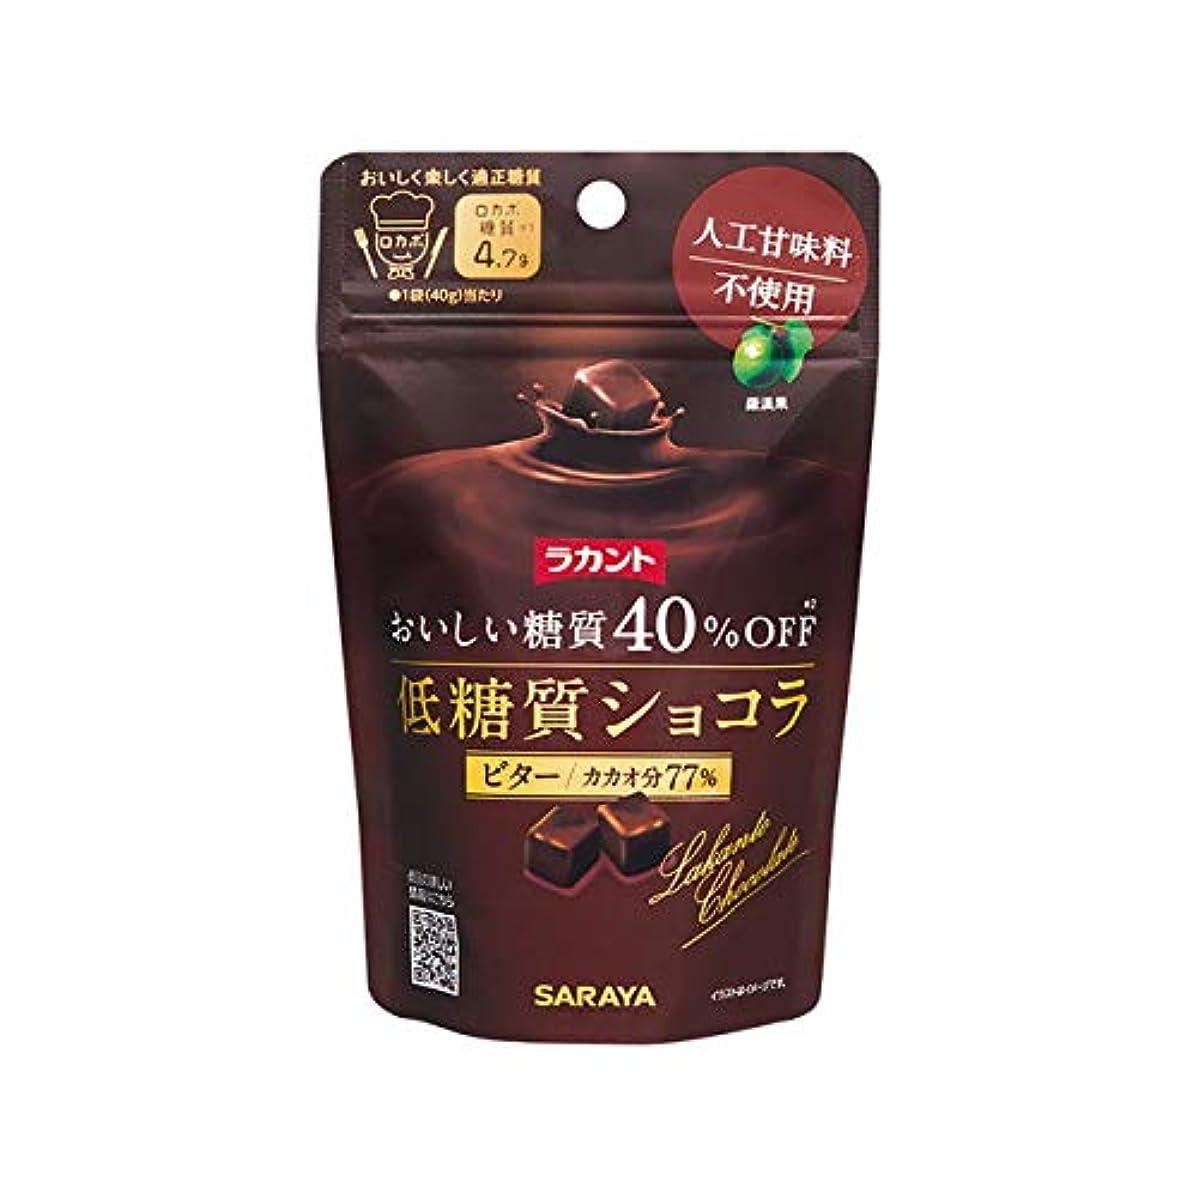 動的キャビン現象サラヤ ラカント ショコラビター 40g【5個セット】